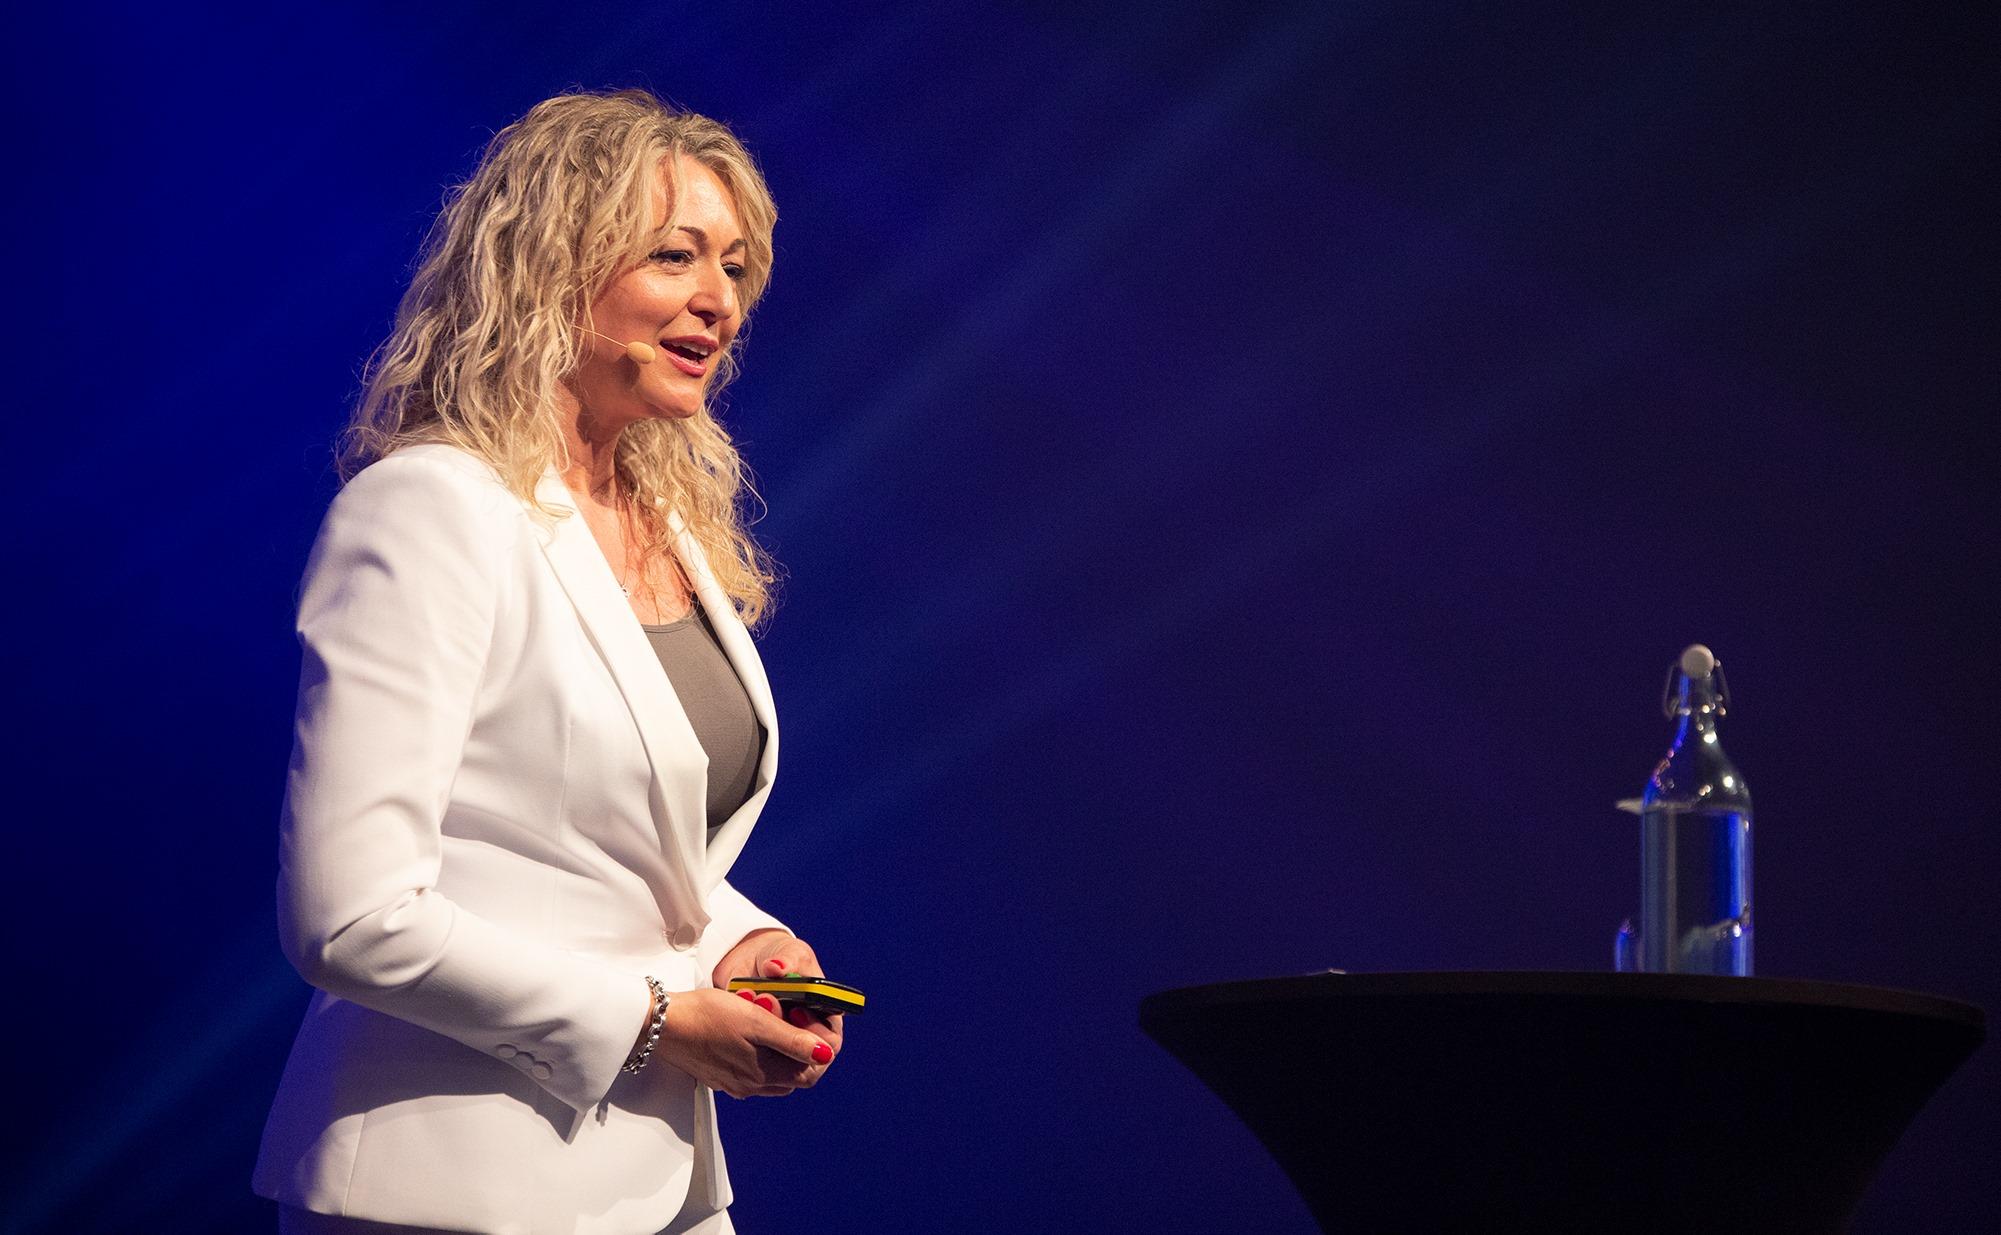 Utrolig inspirerende dame fra Ålesund Vibecke Steinsvik-Parr